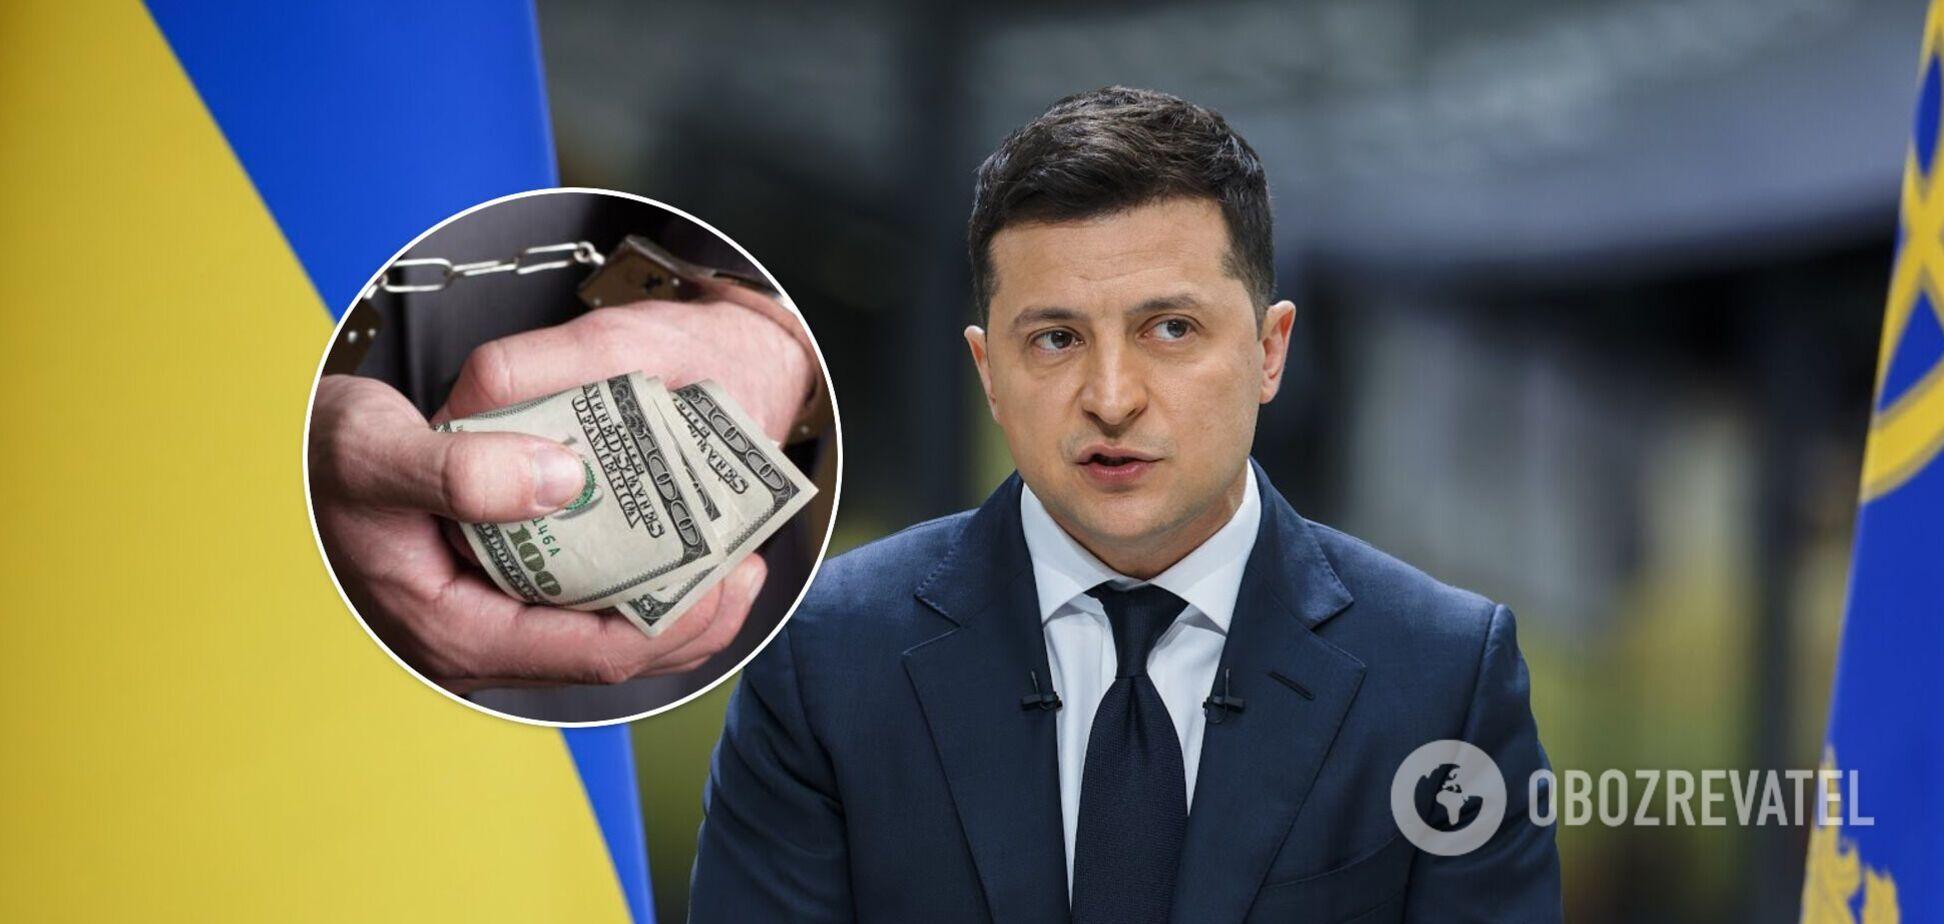 Зеленський:корупційна олігархічна система в Україні щоденно чинить опір